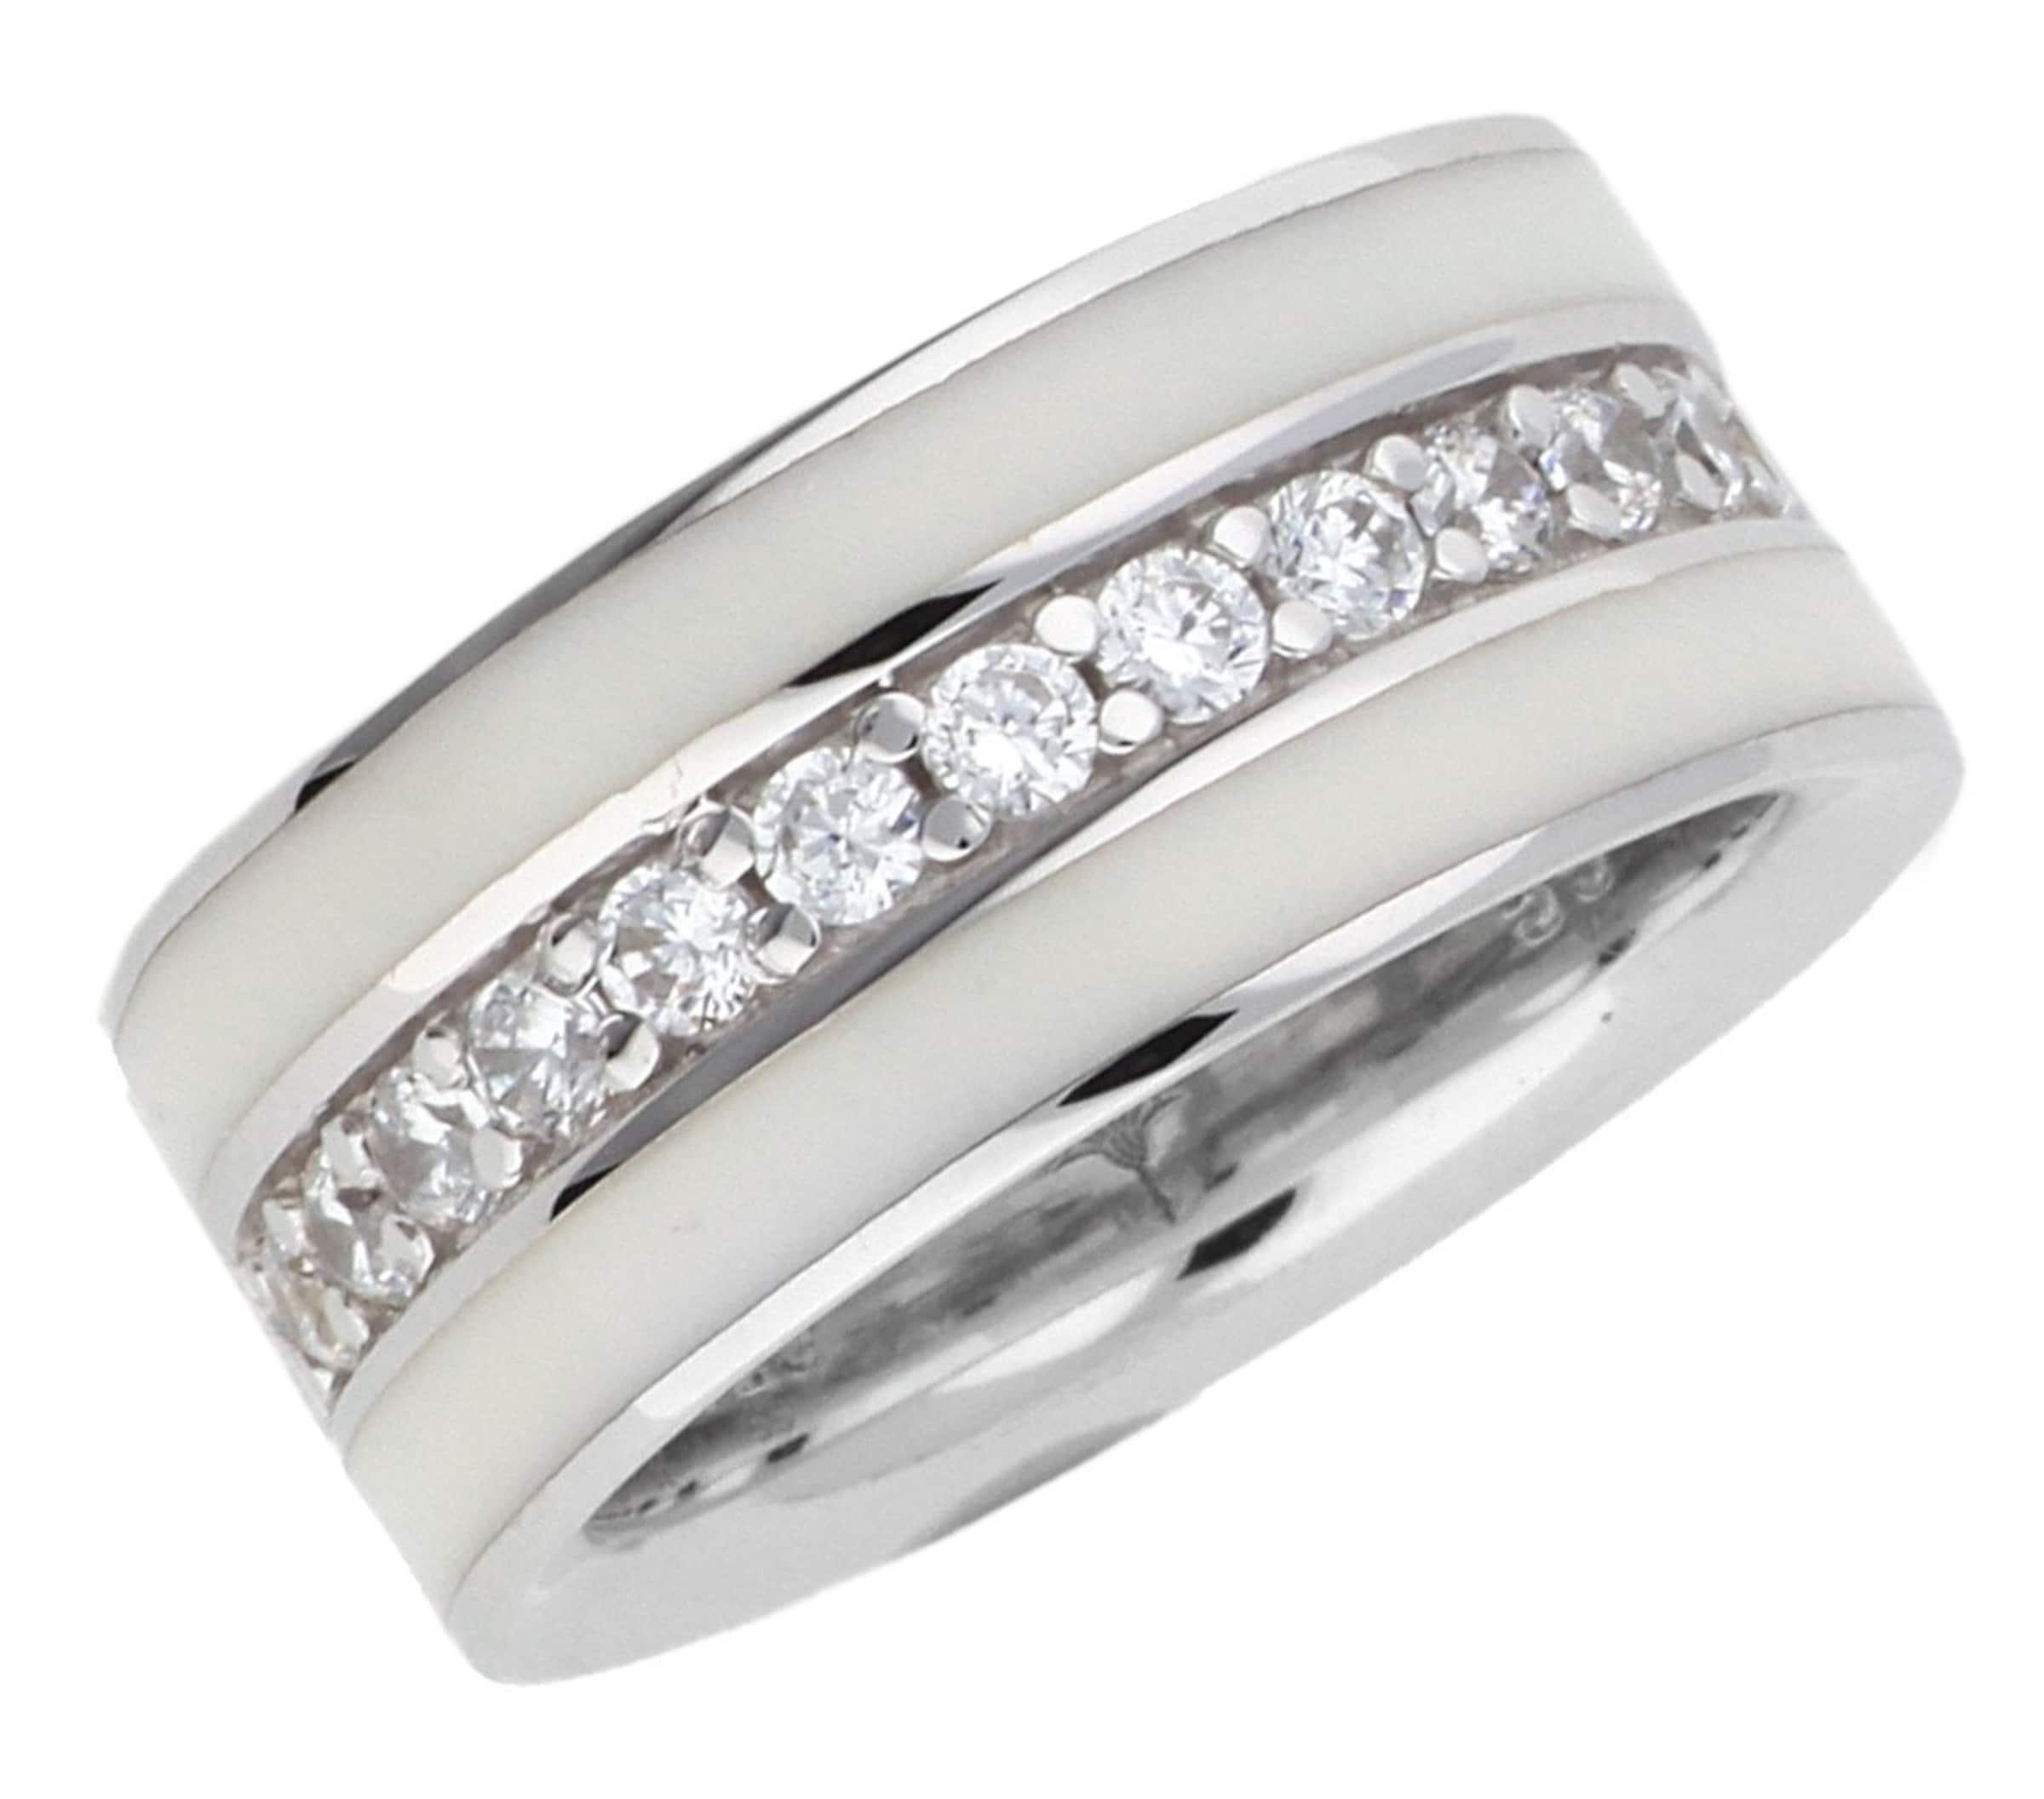 Freies Verschiffen Ebay Offizielle Seite JOOP! Fingerring Silber Silber Jessica KDP3PKl